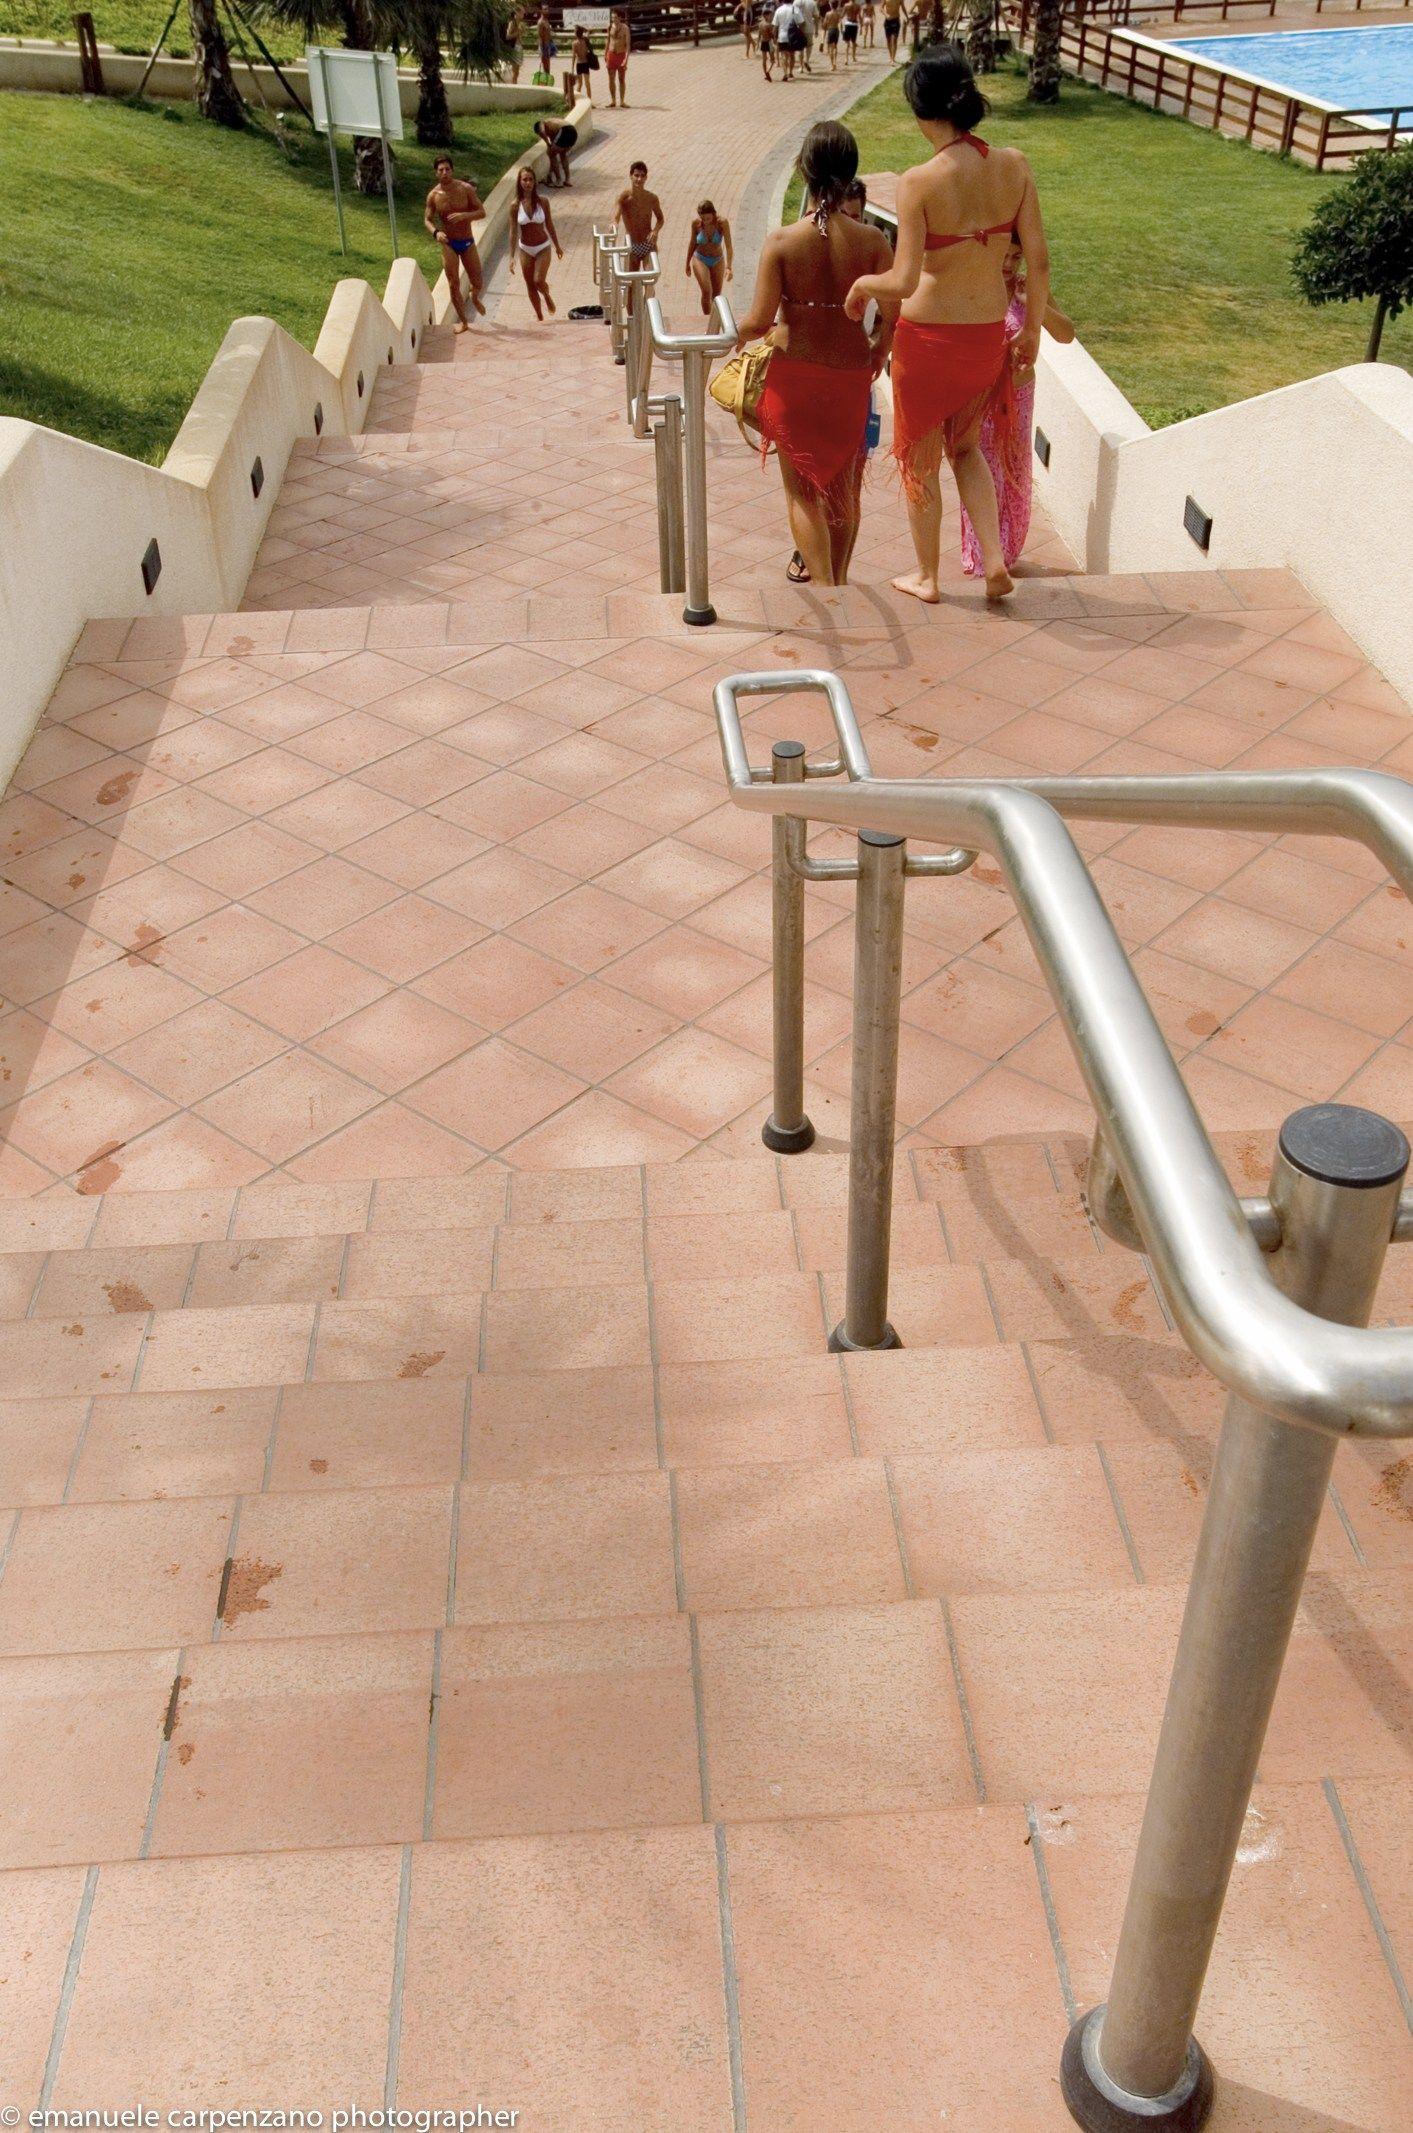 Pavimento para exteriores de barro cozido rustico - Pavimento rustico exterior ...